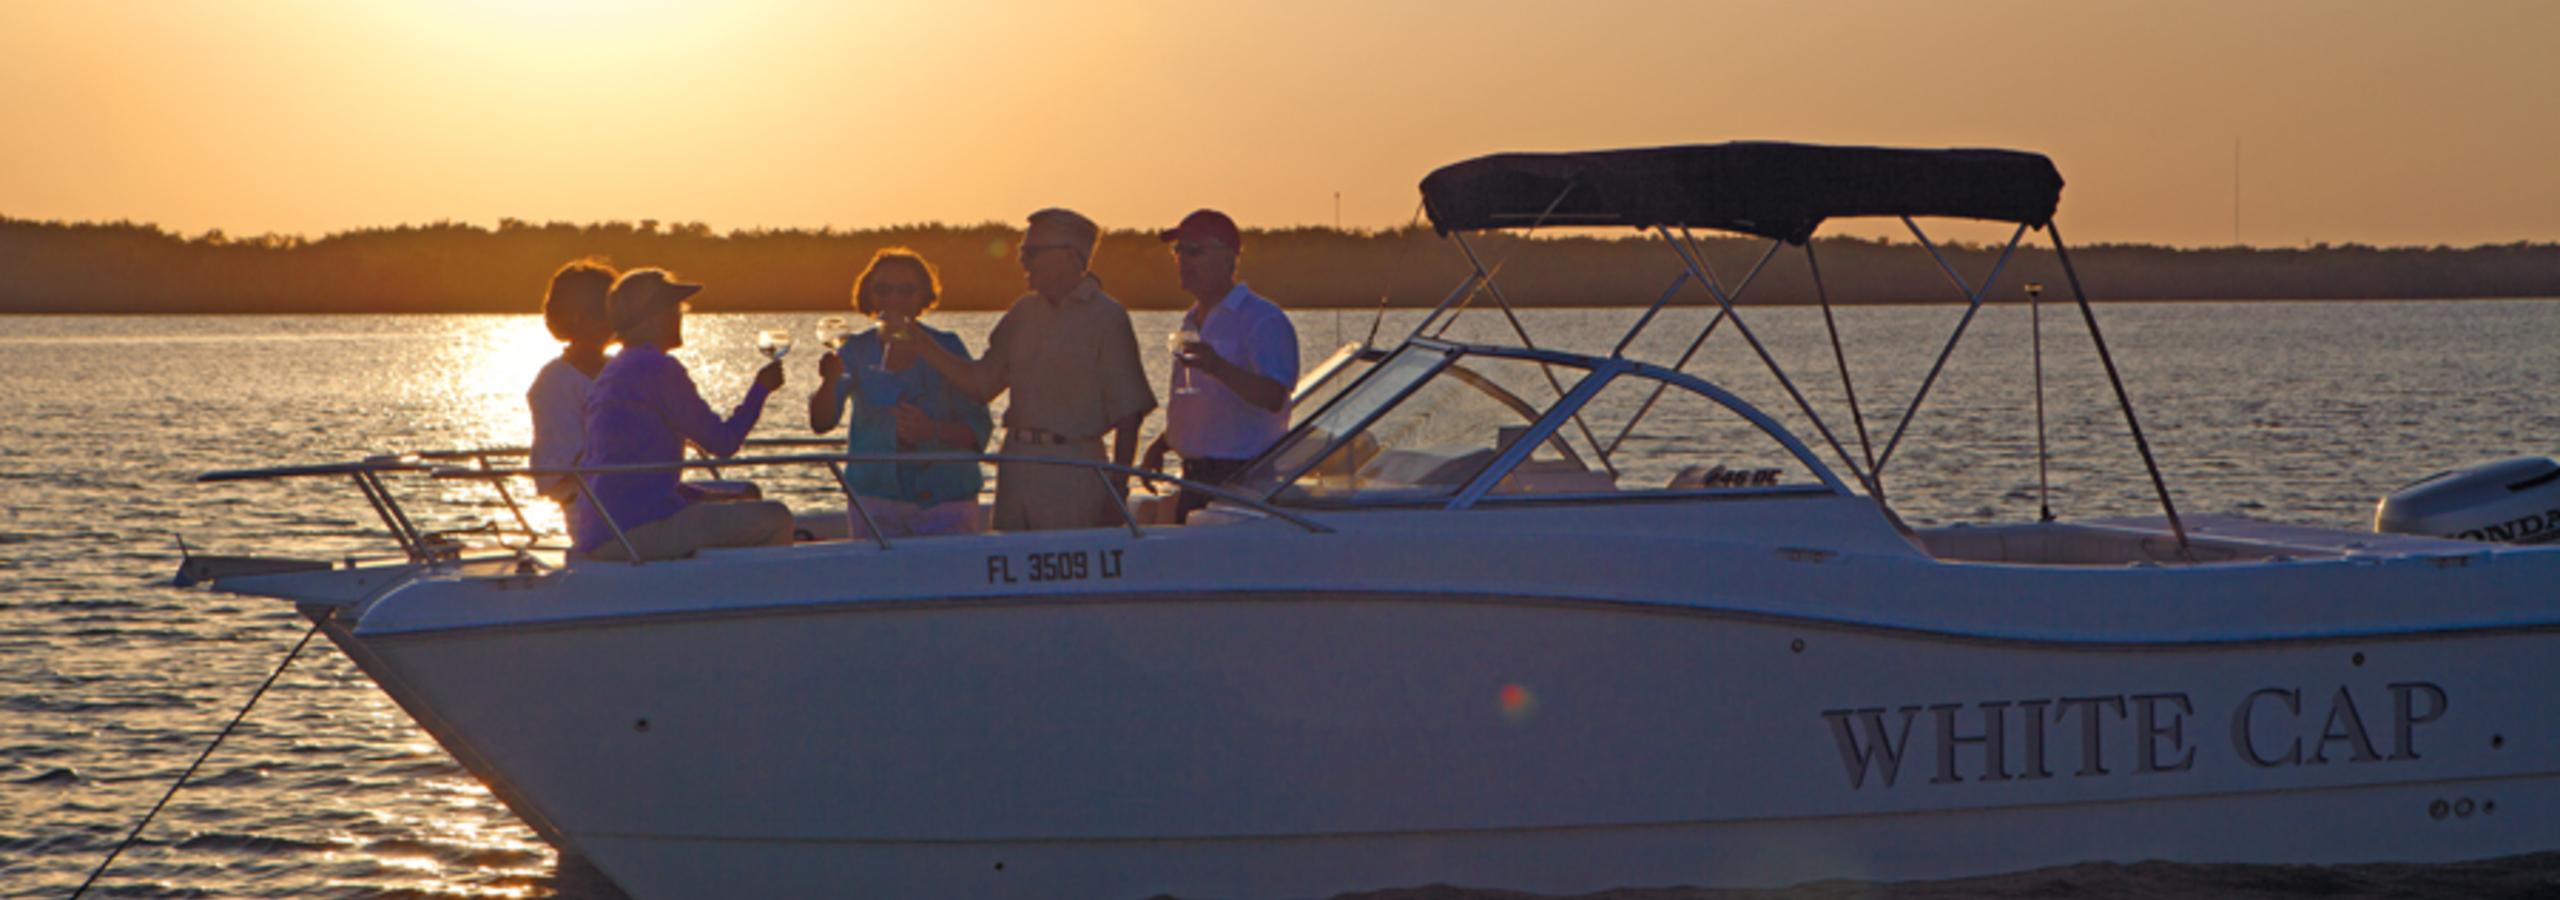 Boat Tasting in John's Island, Florida